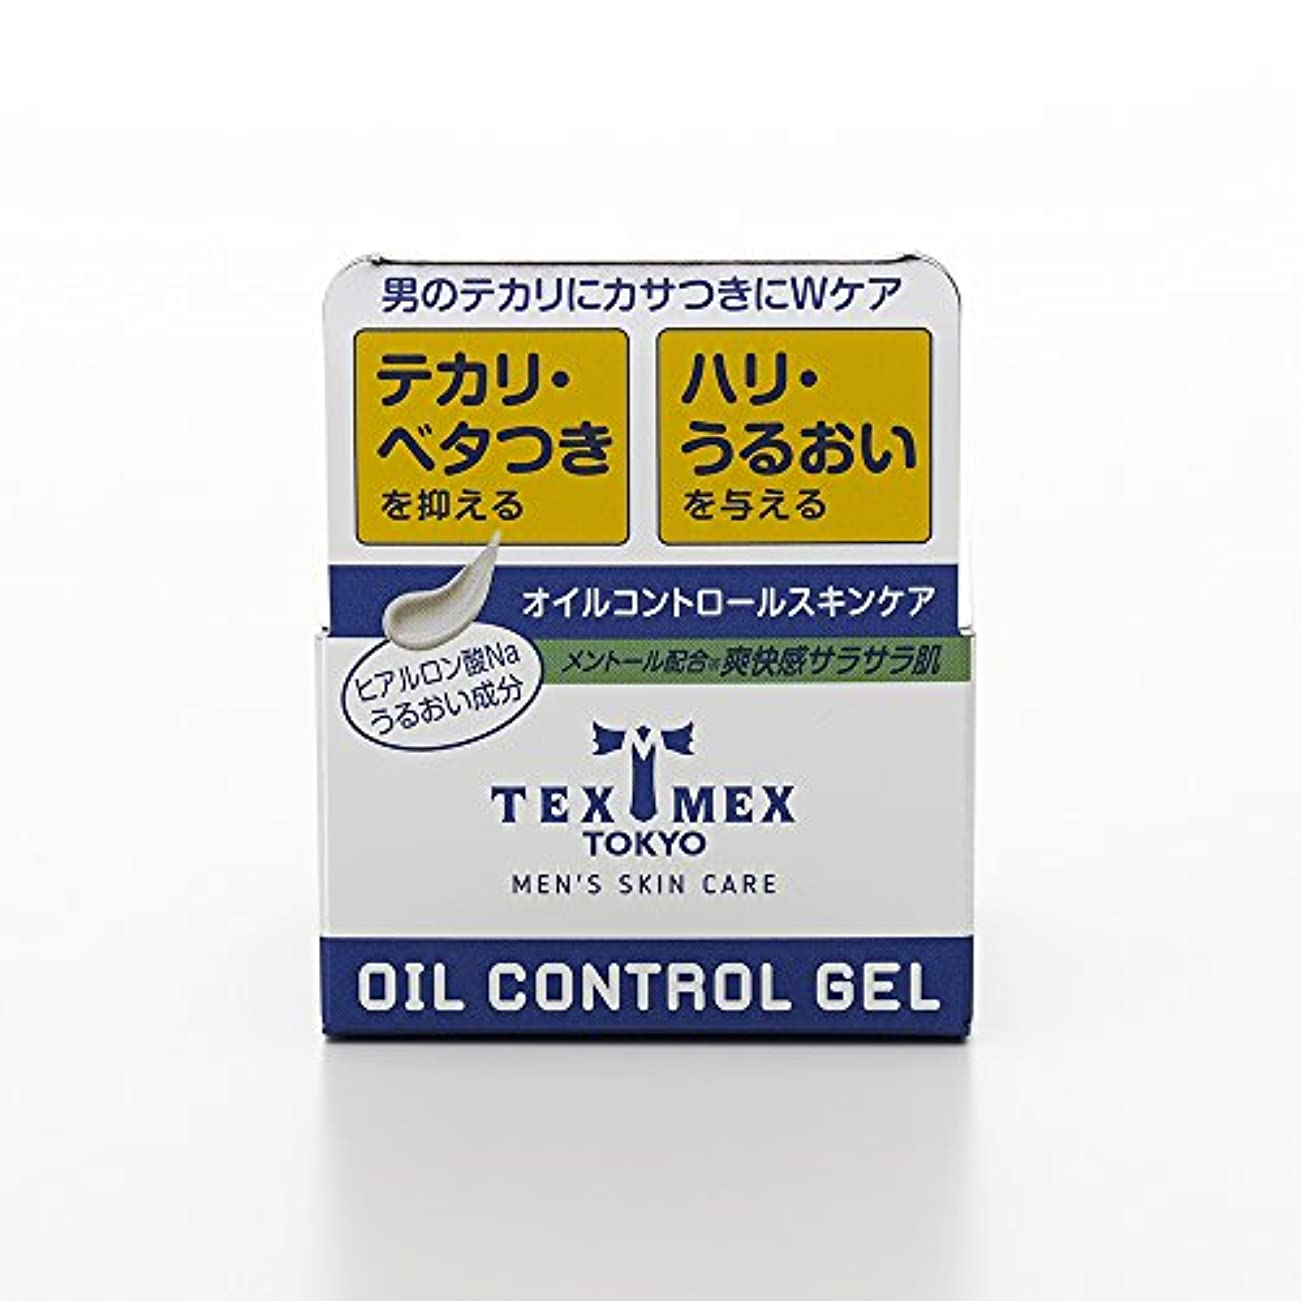 信頼できる好きフェンステックスメックス オイルコントロールジェル 24g (テカリ防止ジェル) 【塗るだけでサラサラ肌に】